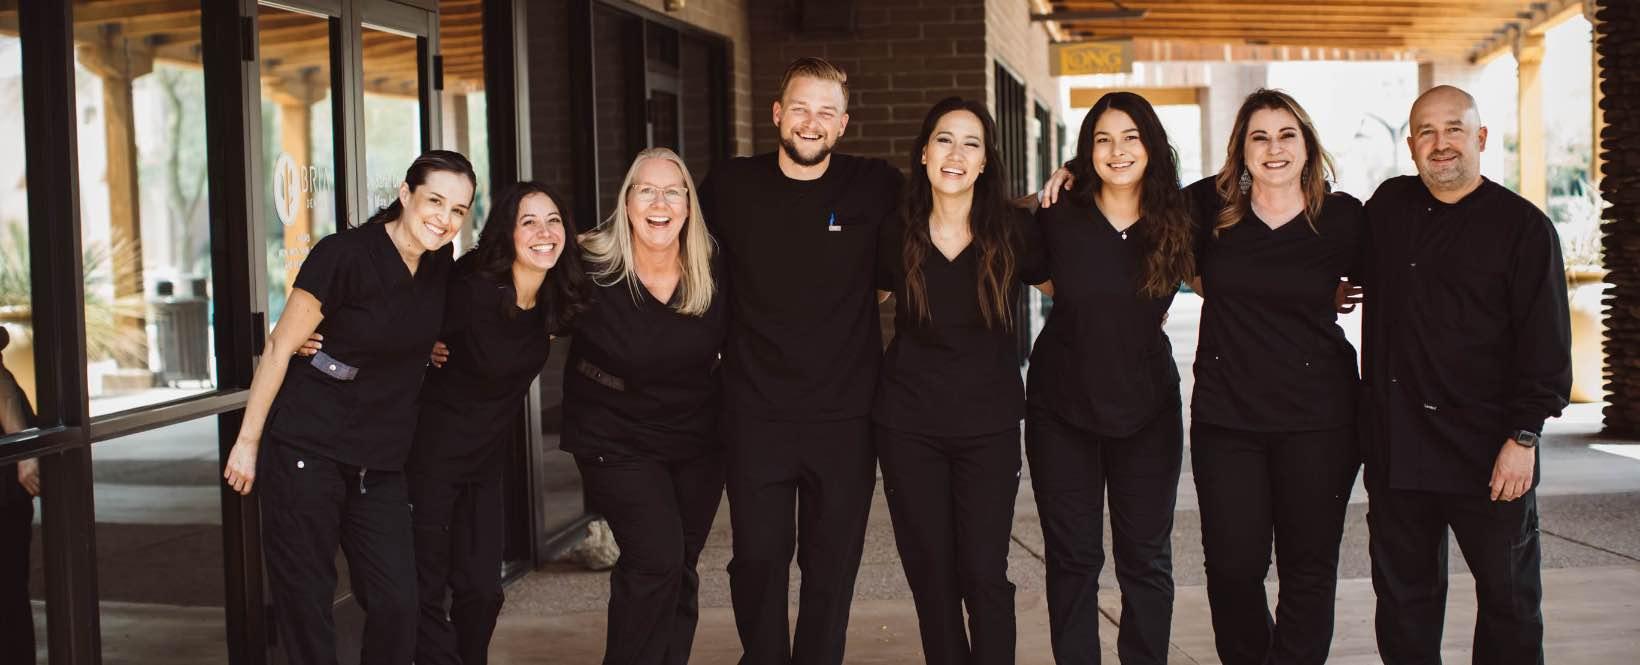 Bria Dental Team Photo